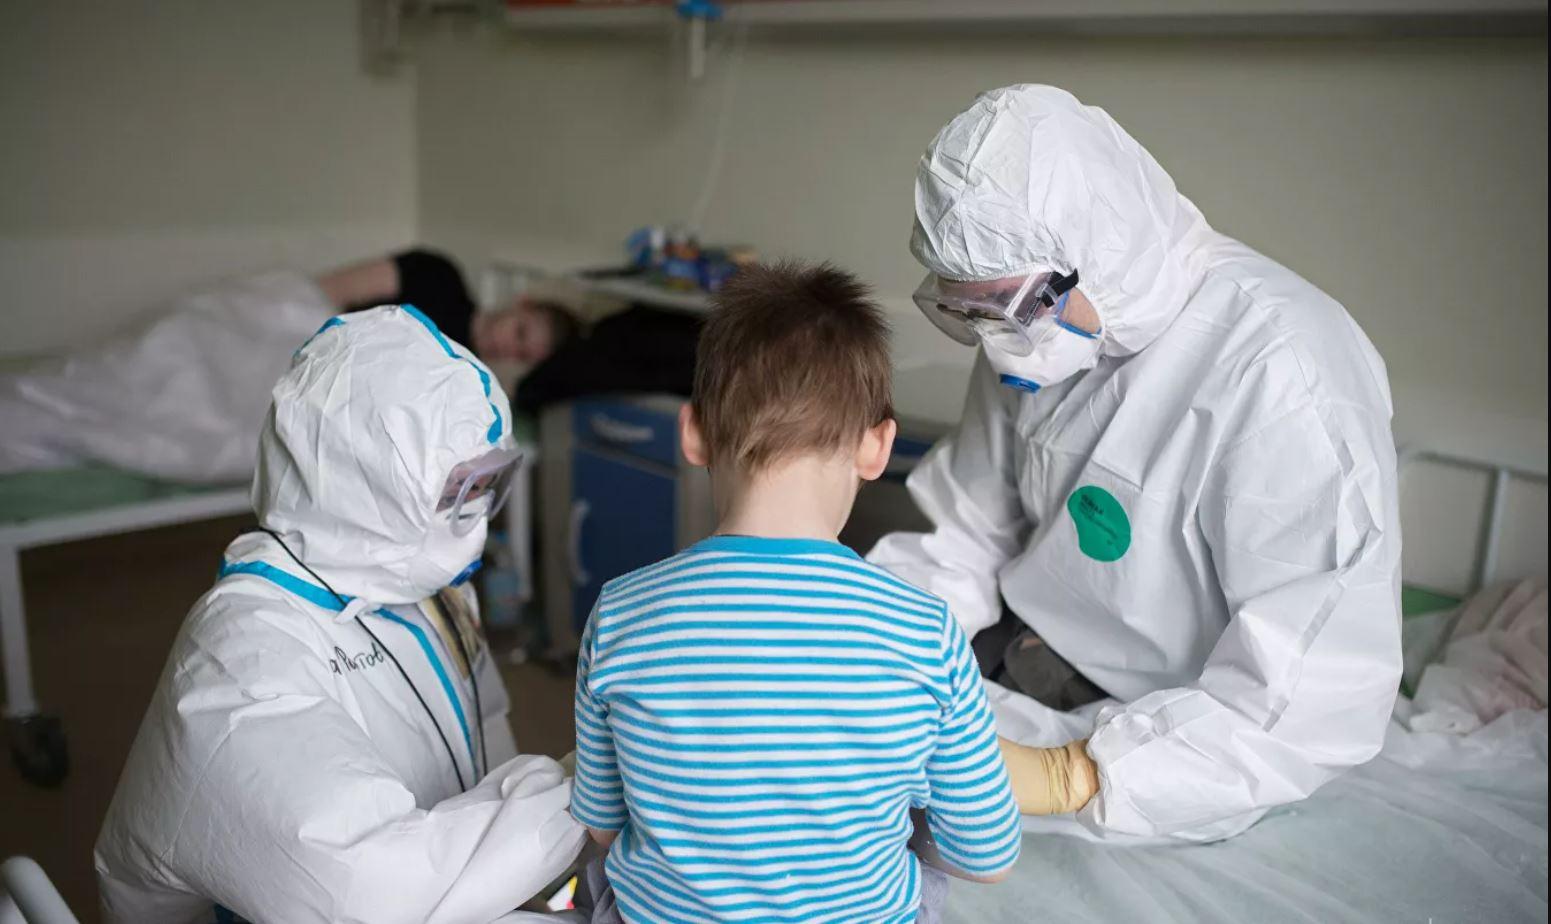 Коронавирусные детские стационары откроют дополнительно в Якутии